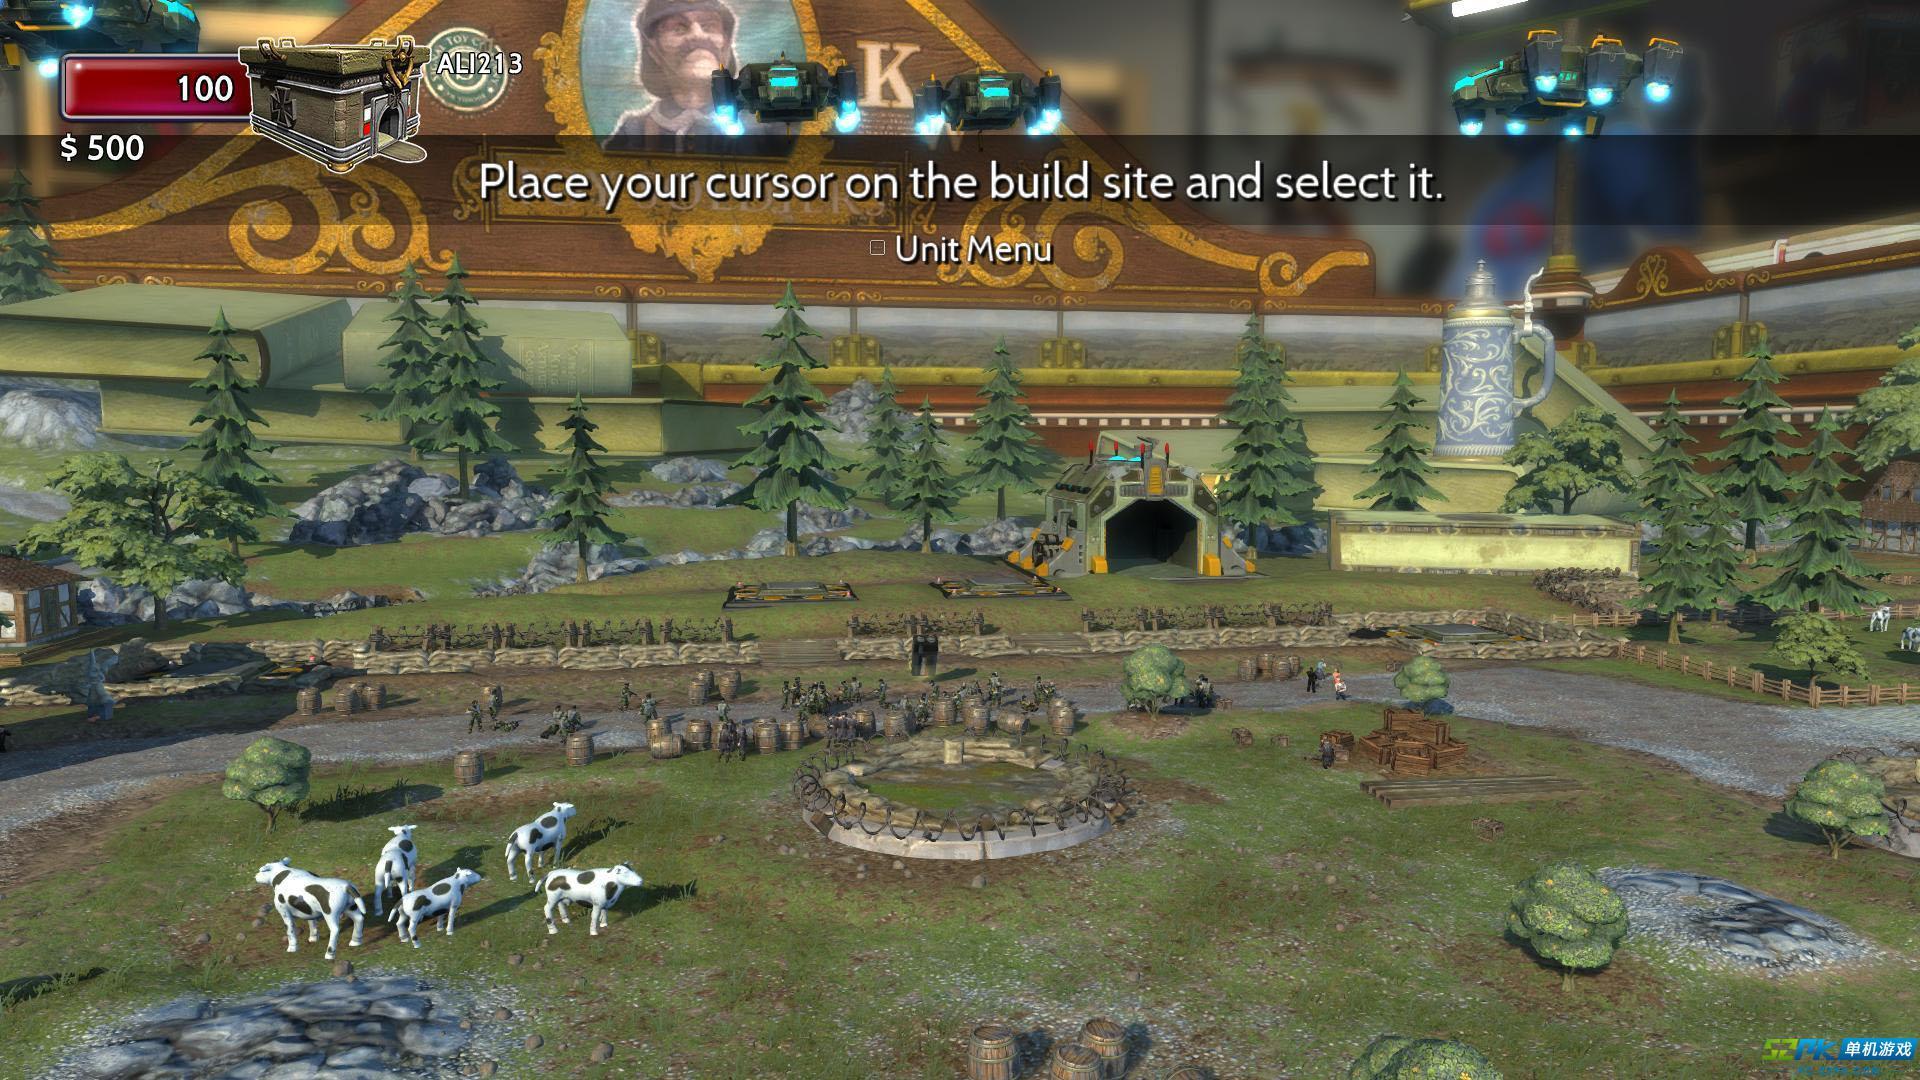 玩具士兵战争宝箱游戏测评 优秀的炮火战斗效果